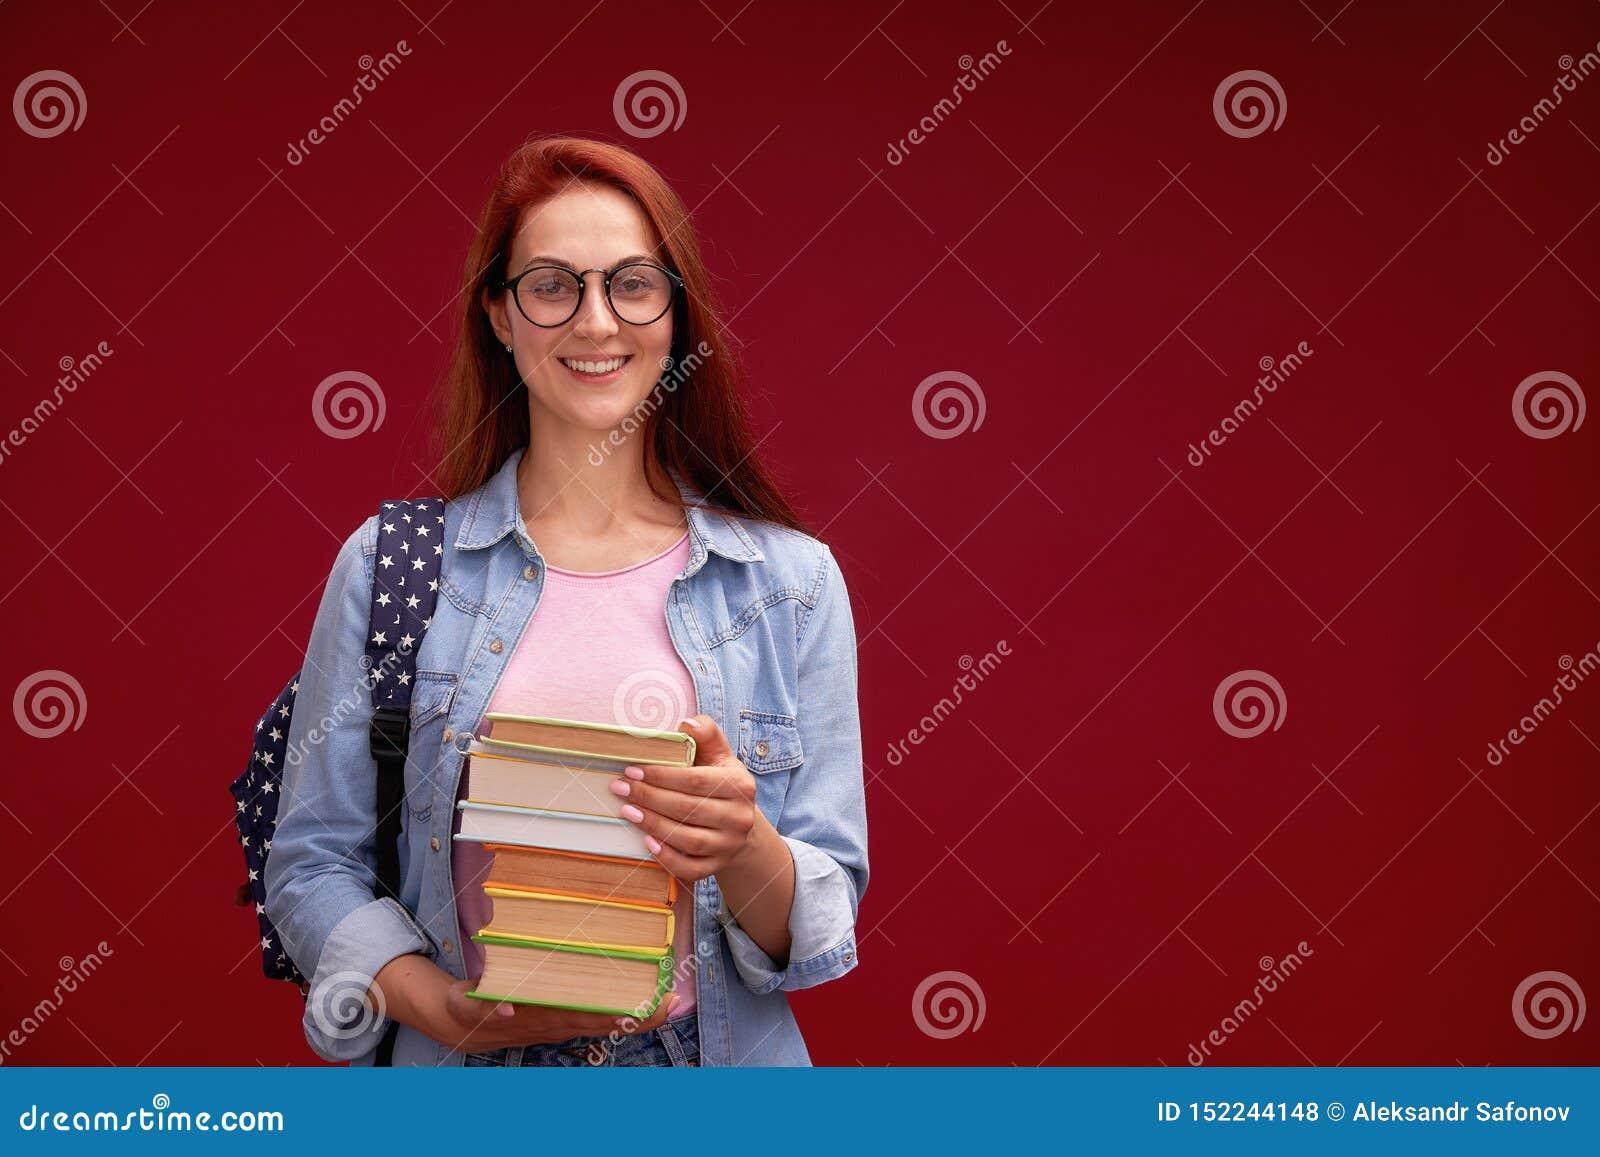 Porträt einer schönen Studentin mit einem Rucksack und des Stapels Bücher in seinen Händen lächelt am roten Hintergrund